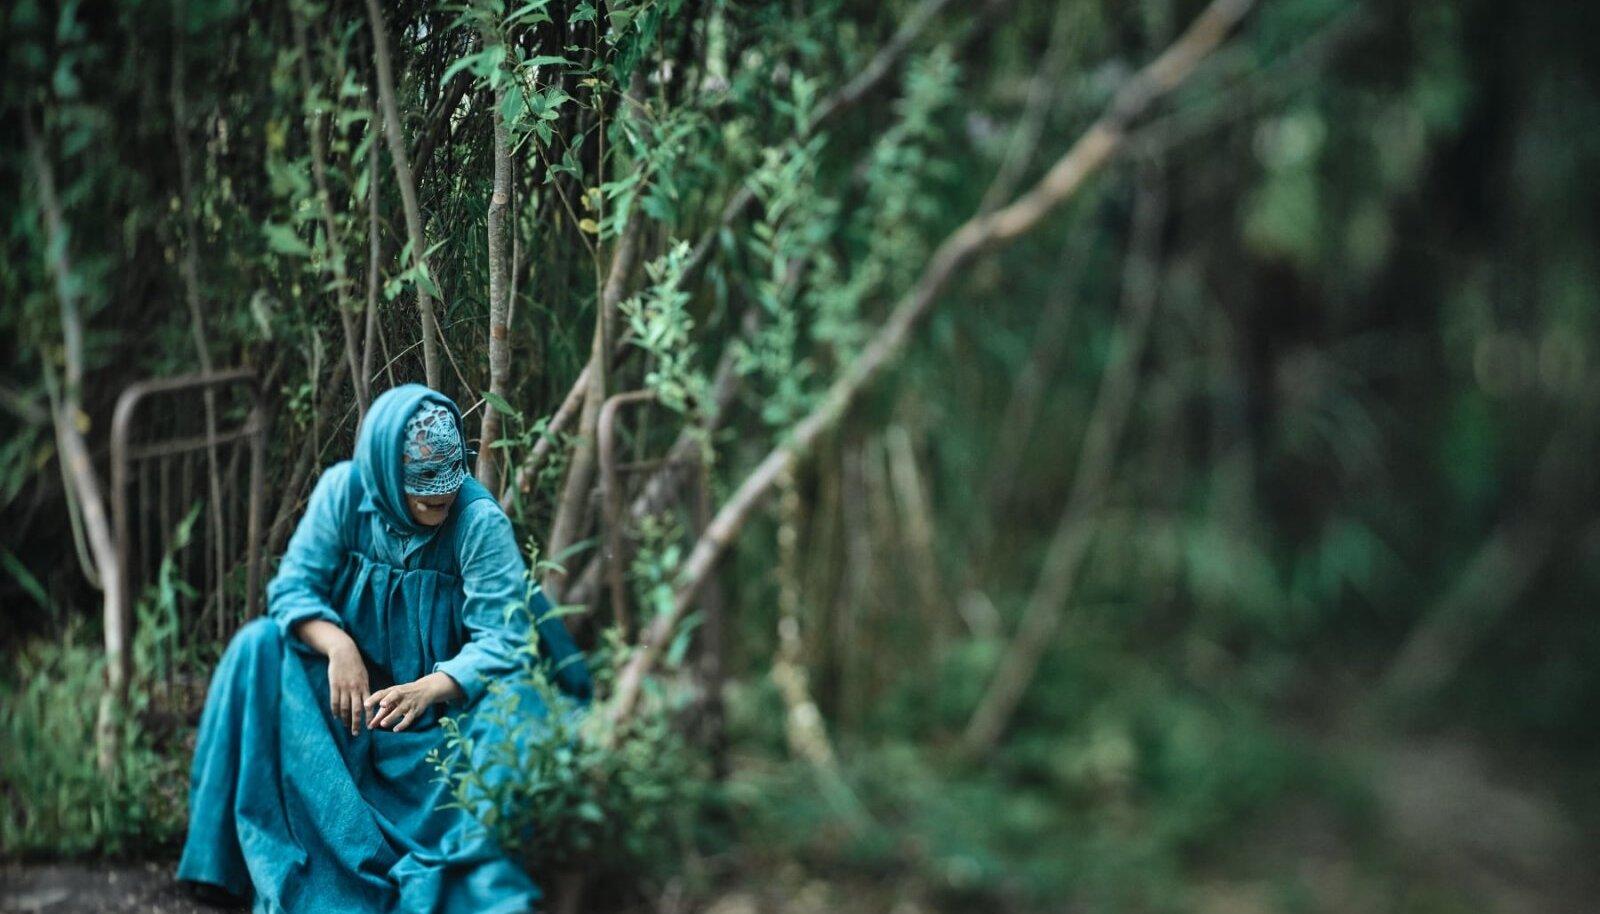 MAA SOOL: Renate Keerd ühena külatädidest, kelle lõppematu vada saadab võsa ees ja sees toimuvat.